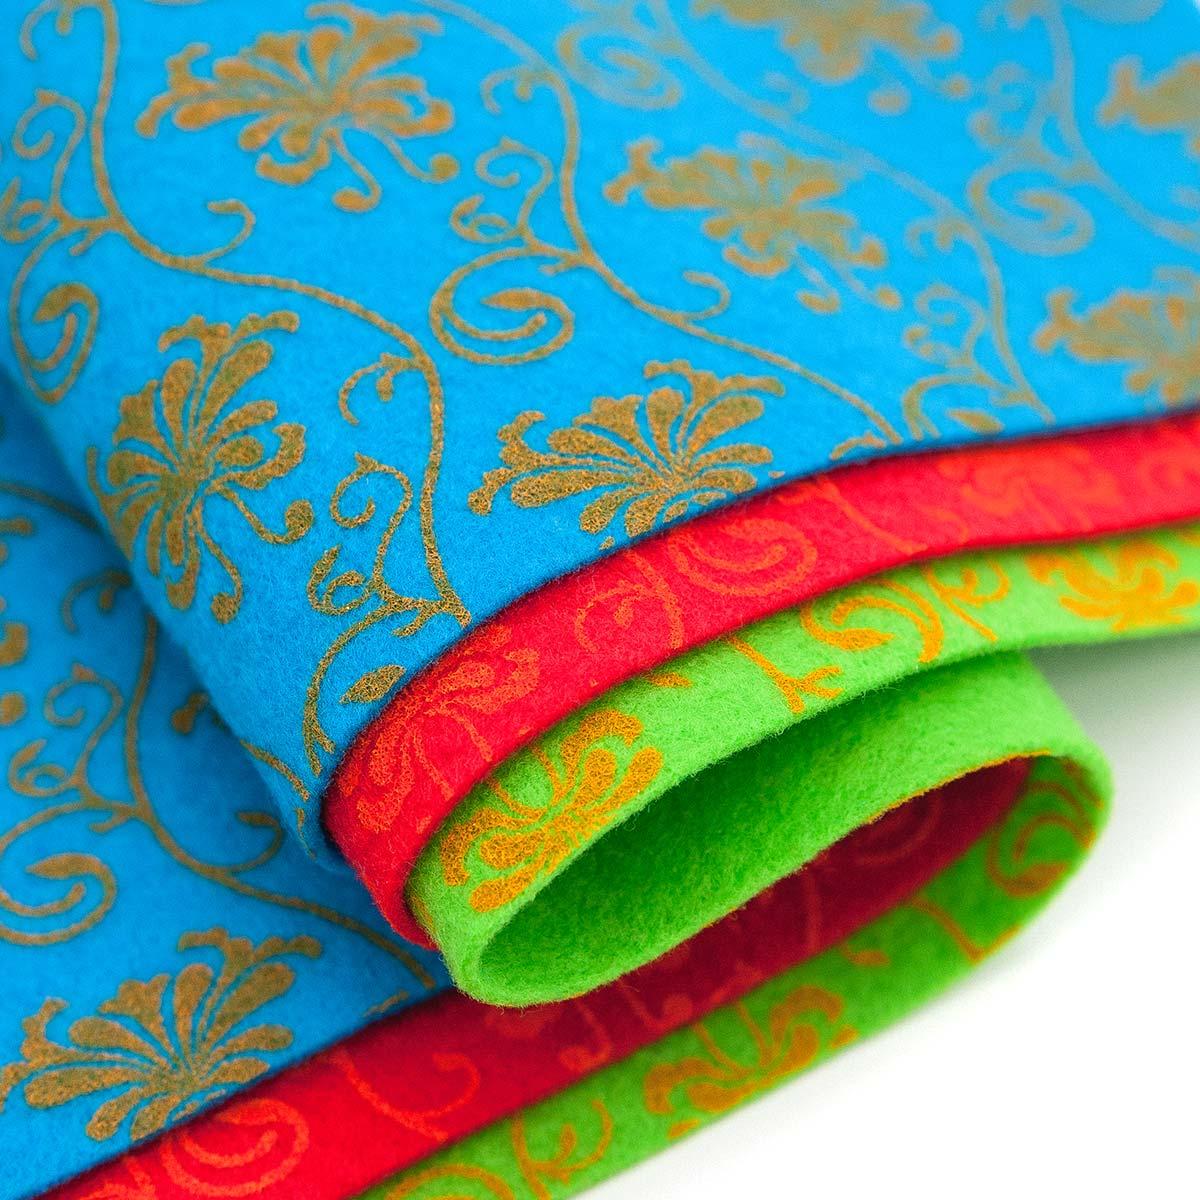 Фетр листовой декоративный 'Барокко' Астра, 1,0мм, 180 гр, 20х30см, 3 шт/упак